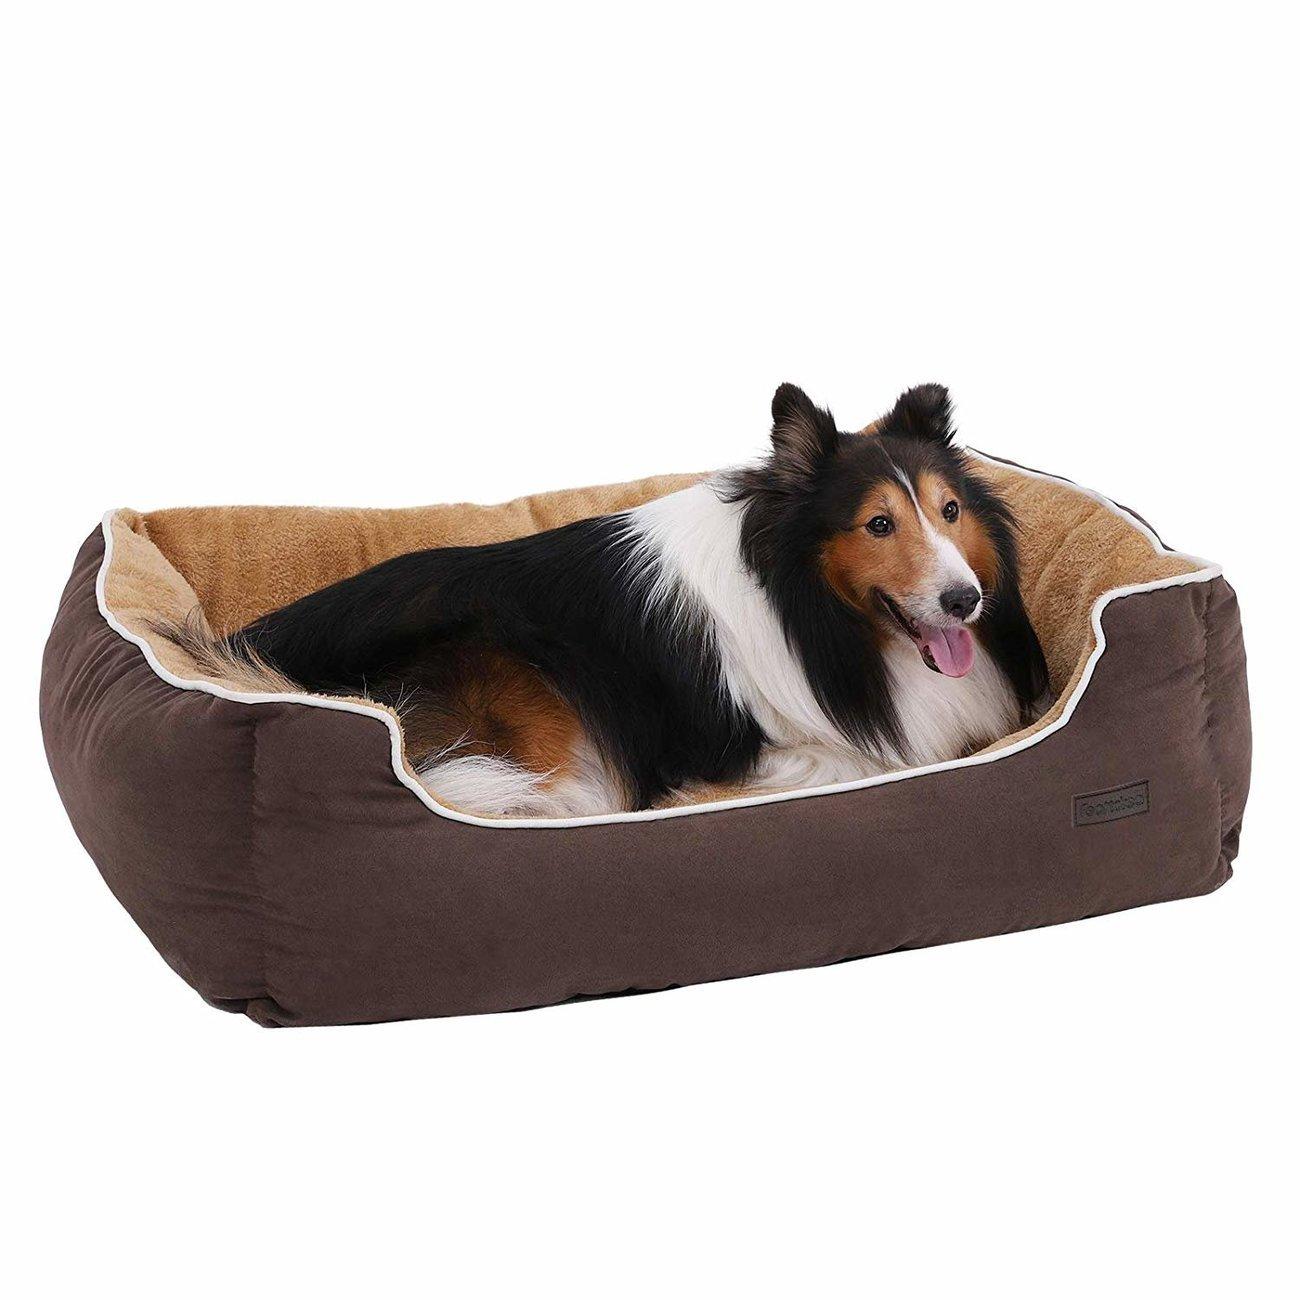 FEANDREA by SONGMICS Hundebett mit Liegefläche aus Plüsch, Bild 13